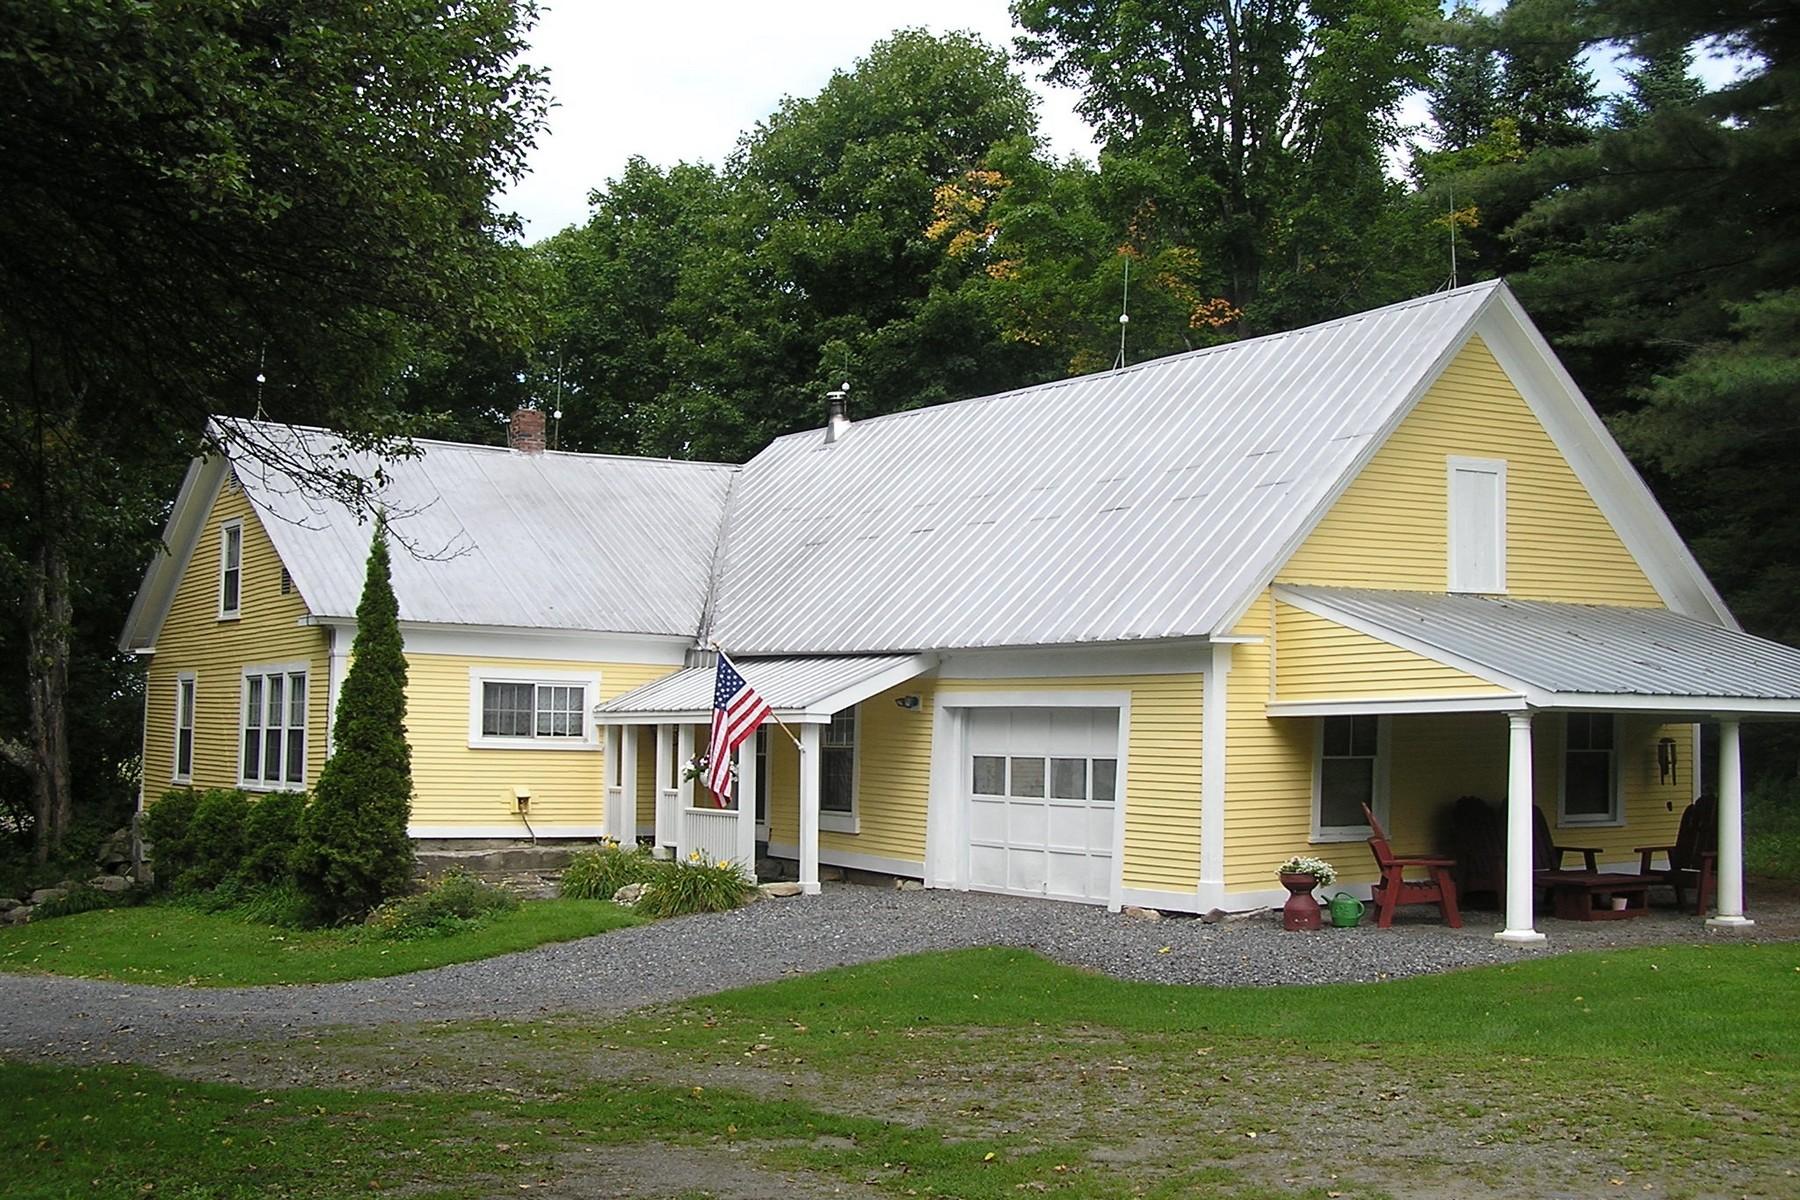 Villa per Vendita alle ore 3726 Center Road, Hardwick 3726 Center Rd Hardwick, Vermont, 05843 Stati Uniti